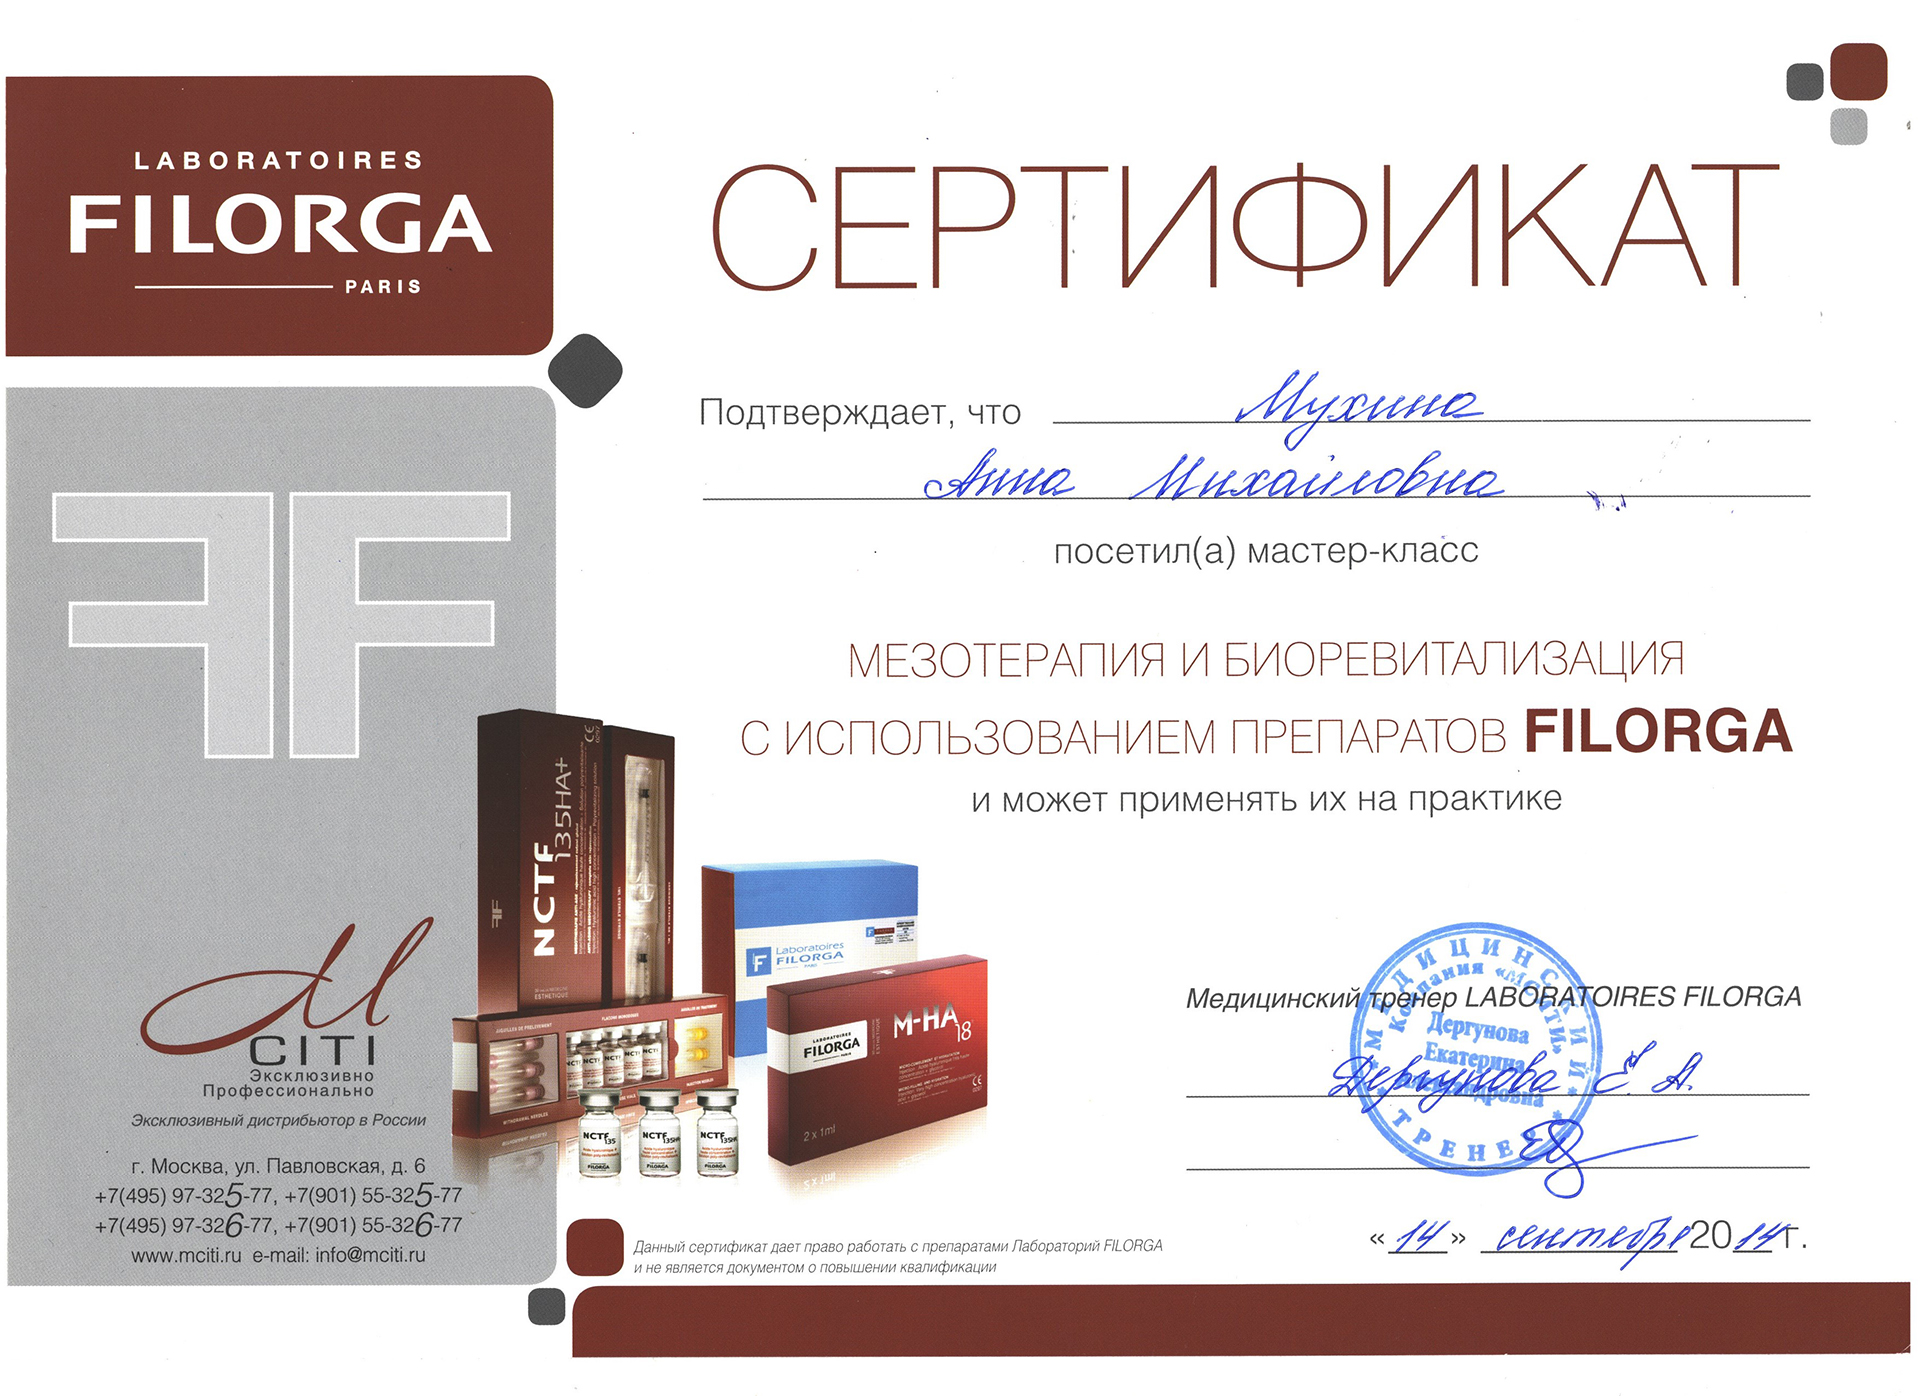 Сертификат — Применение препаратов Filorga. Мухина Анна Михайловна